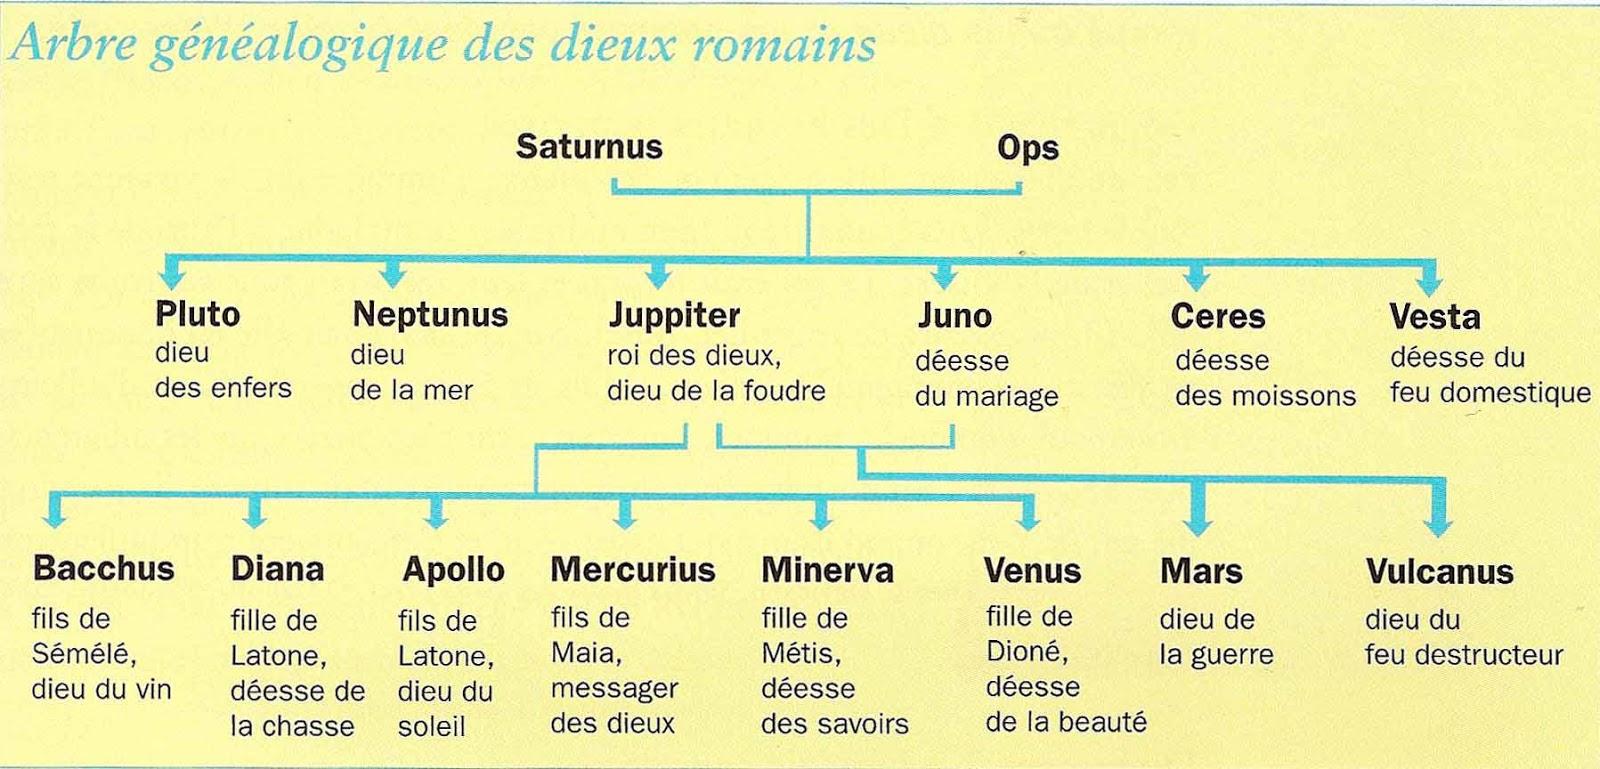 Bien-aimé Les dieux romains - ThingLink BT77